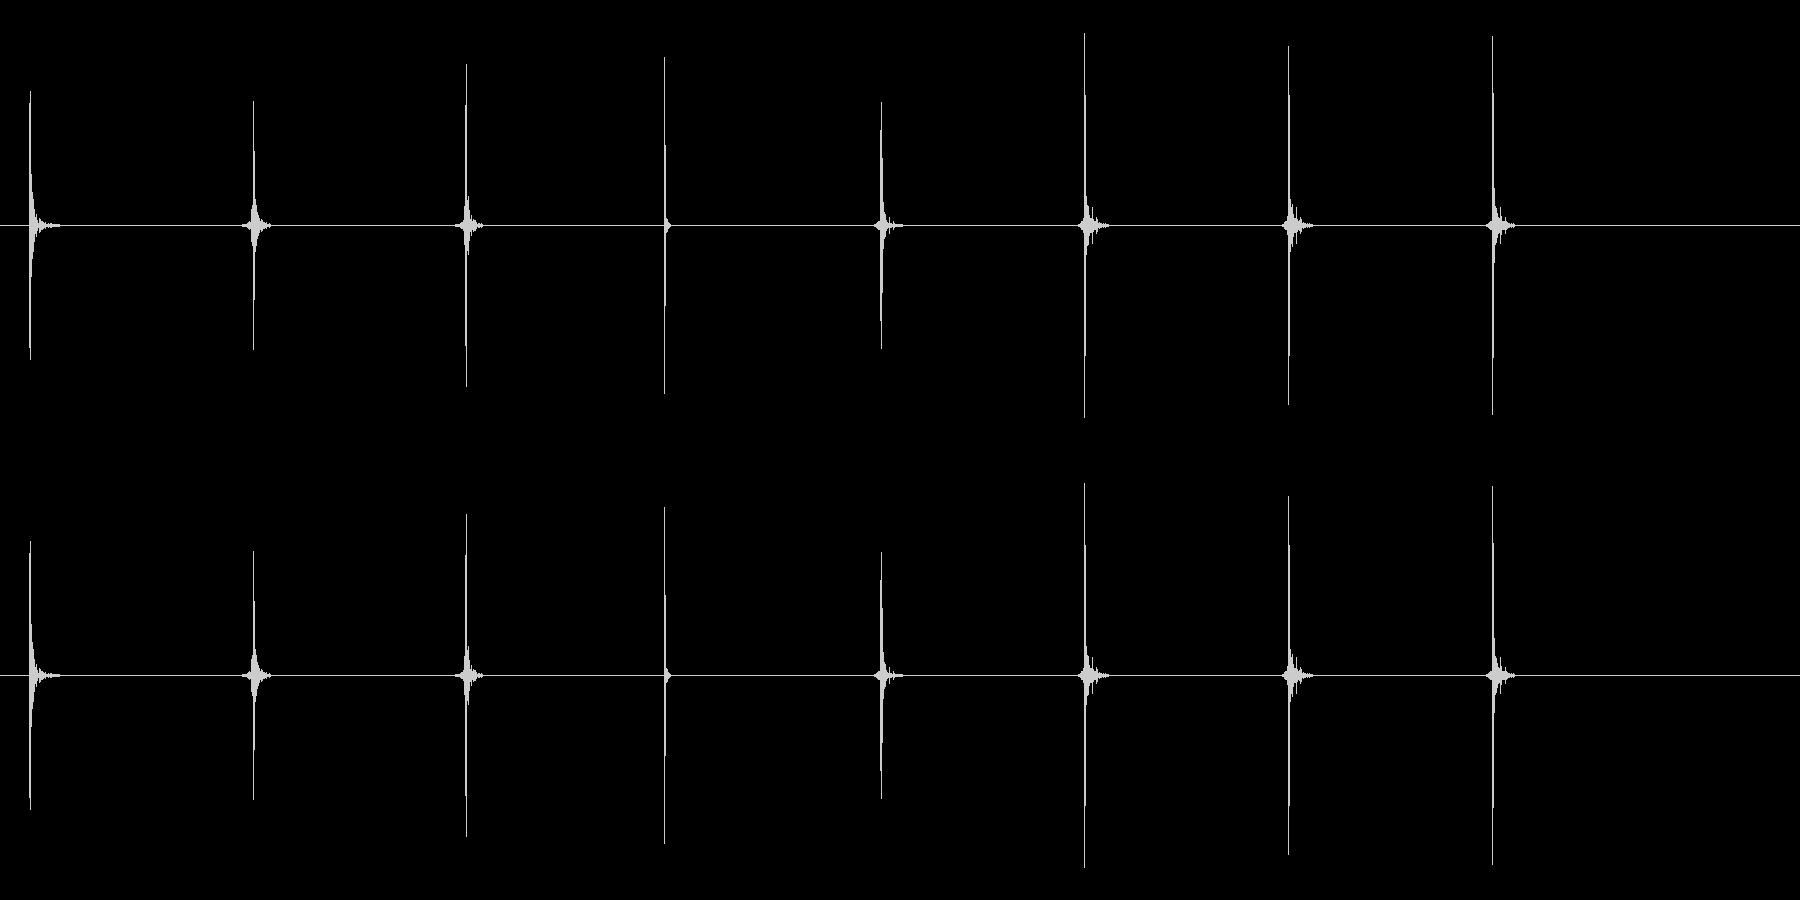 インパクト-ベースボールヒット-8...の未再生の波形